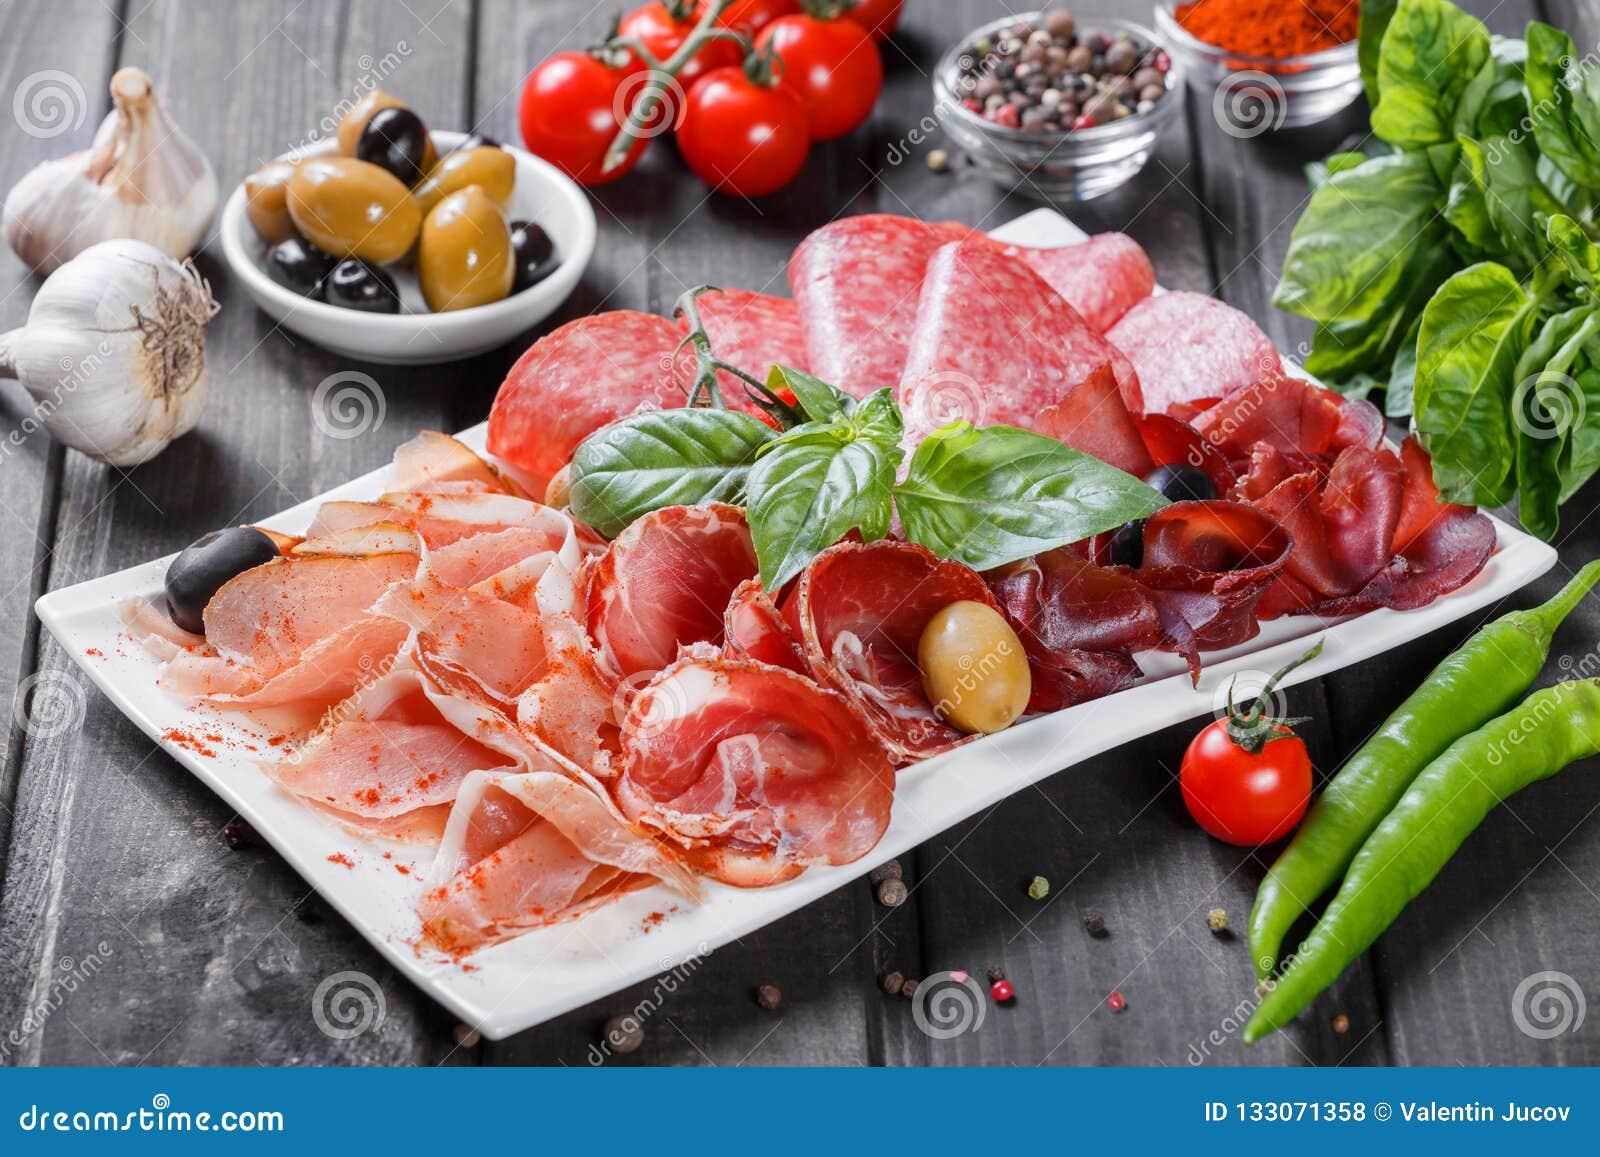 Platte des kalten Fleisches der Antipastoservierplatte mit Prosciutto, Scheiben Schinken, Salami, verziert mit Basilikum und Oliv